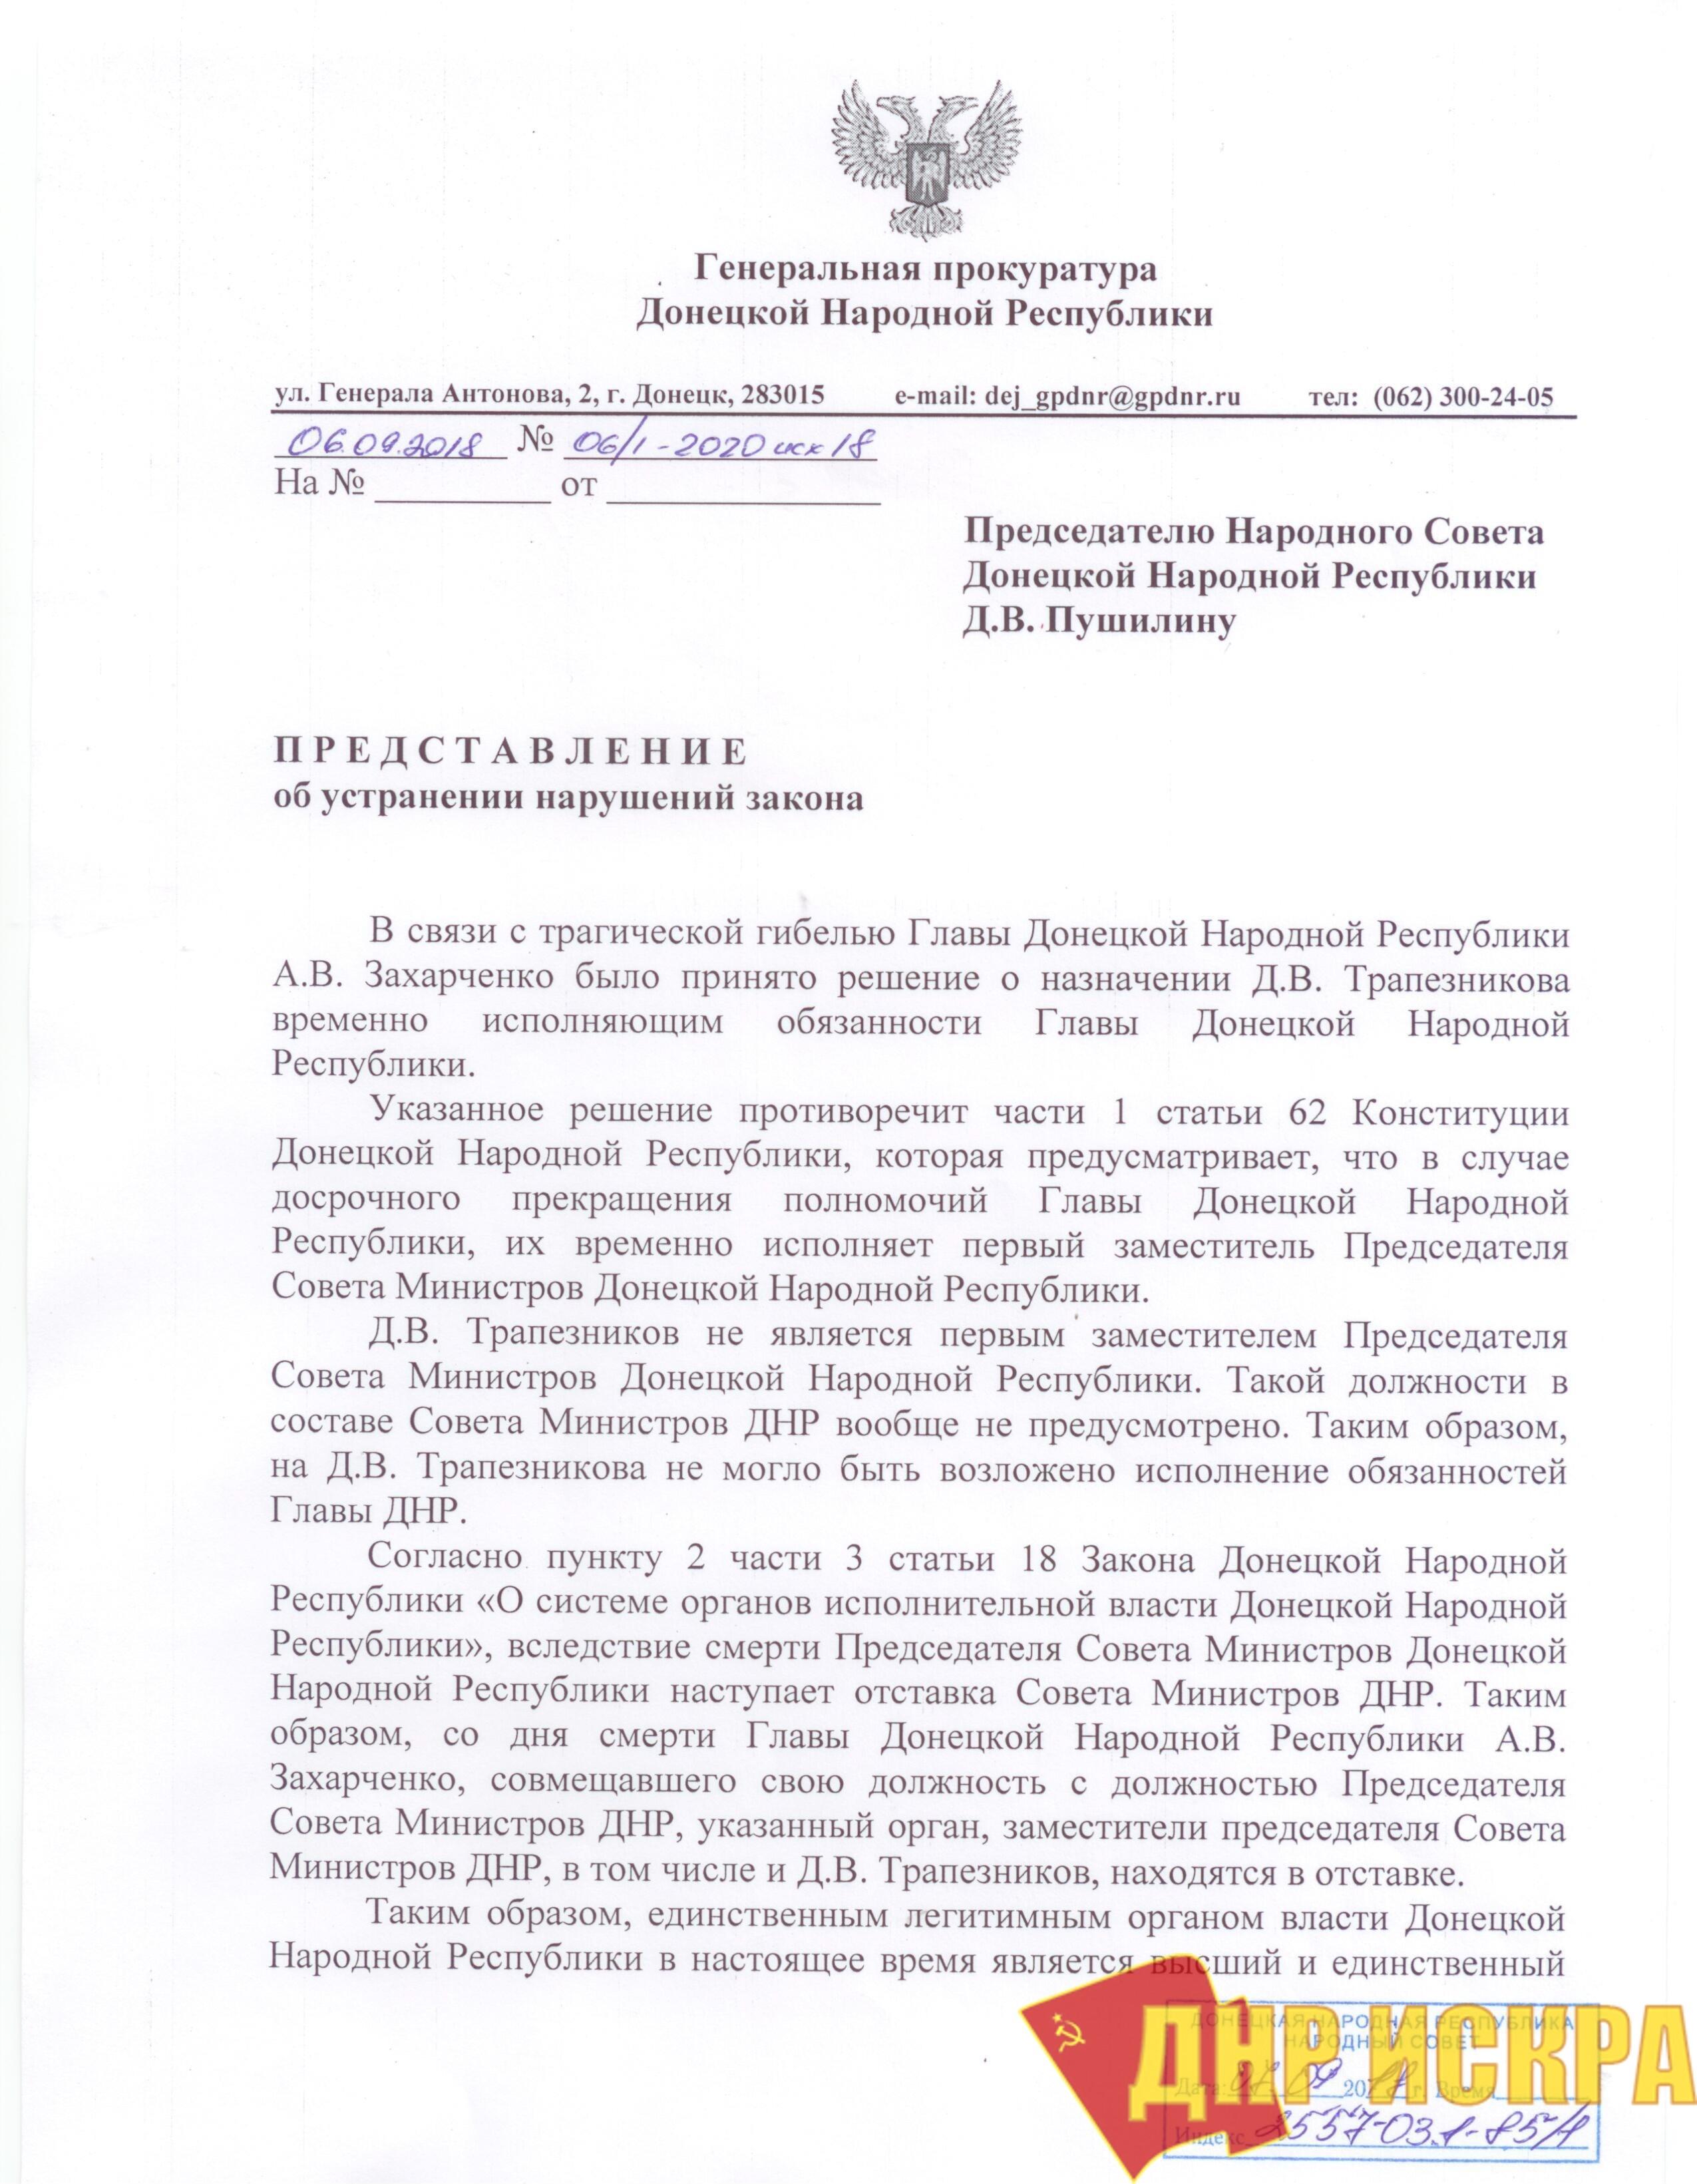 Генпрокуратура ДНР заявила об отставке Трапезникова и расформировании Совмина ДНР